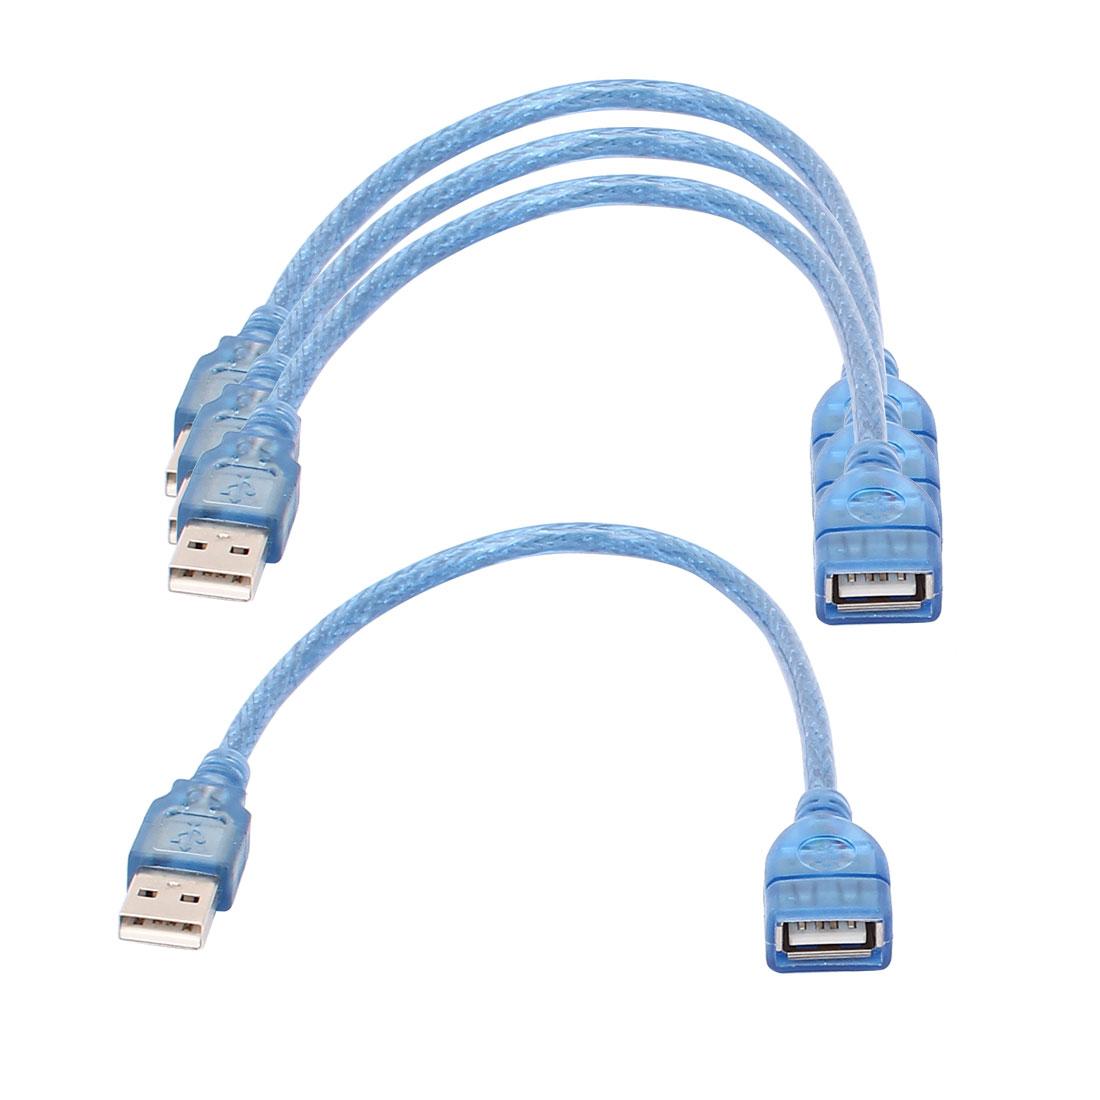 4pcs-USB-2-0-Male-Vers-femelle-Extension-Adaptateur-Cable-Cordon-30cm-Longueur